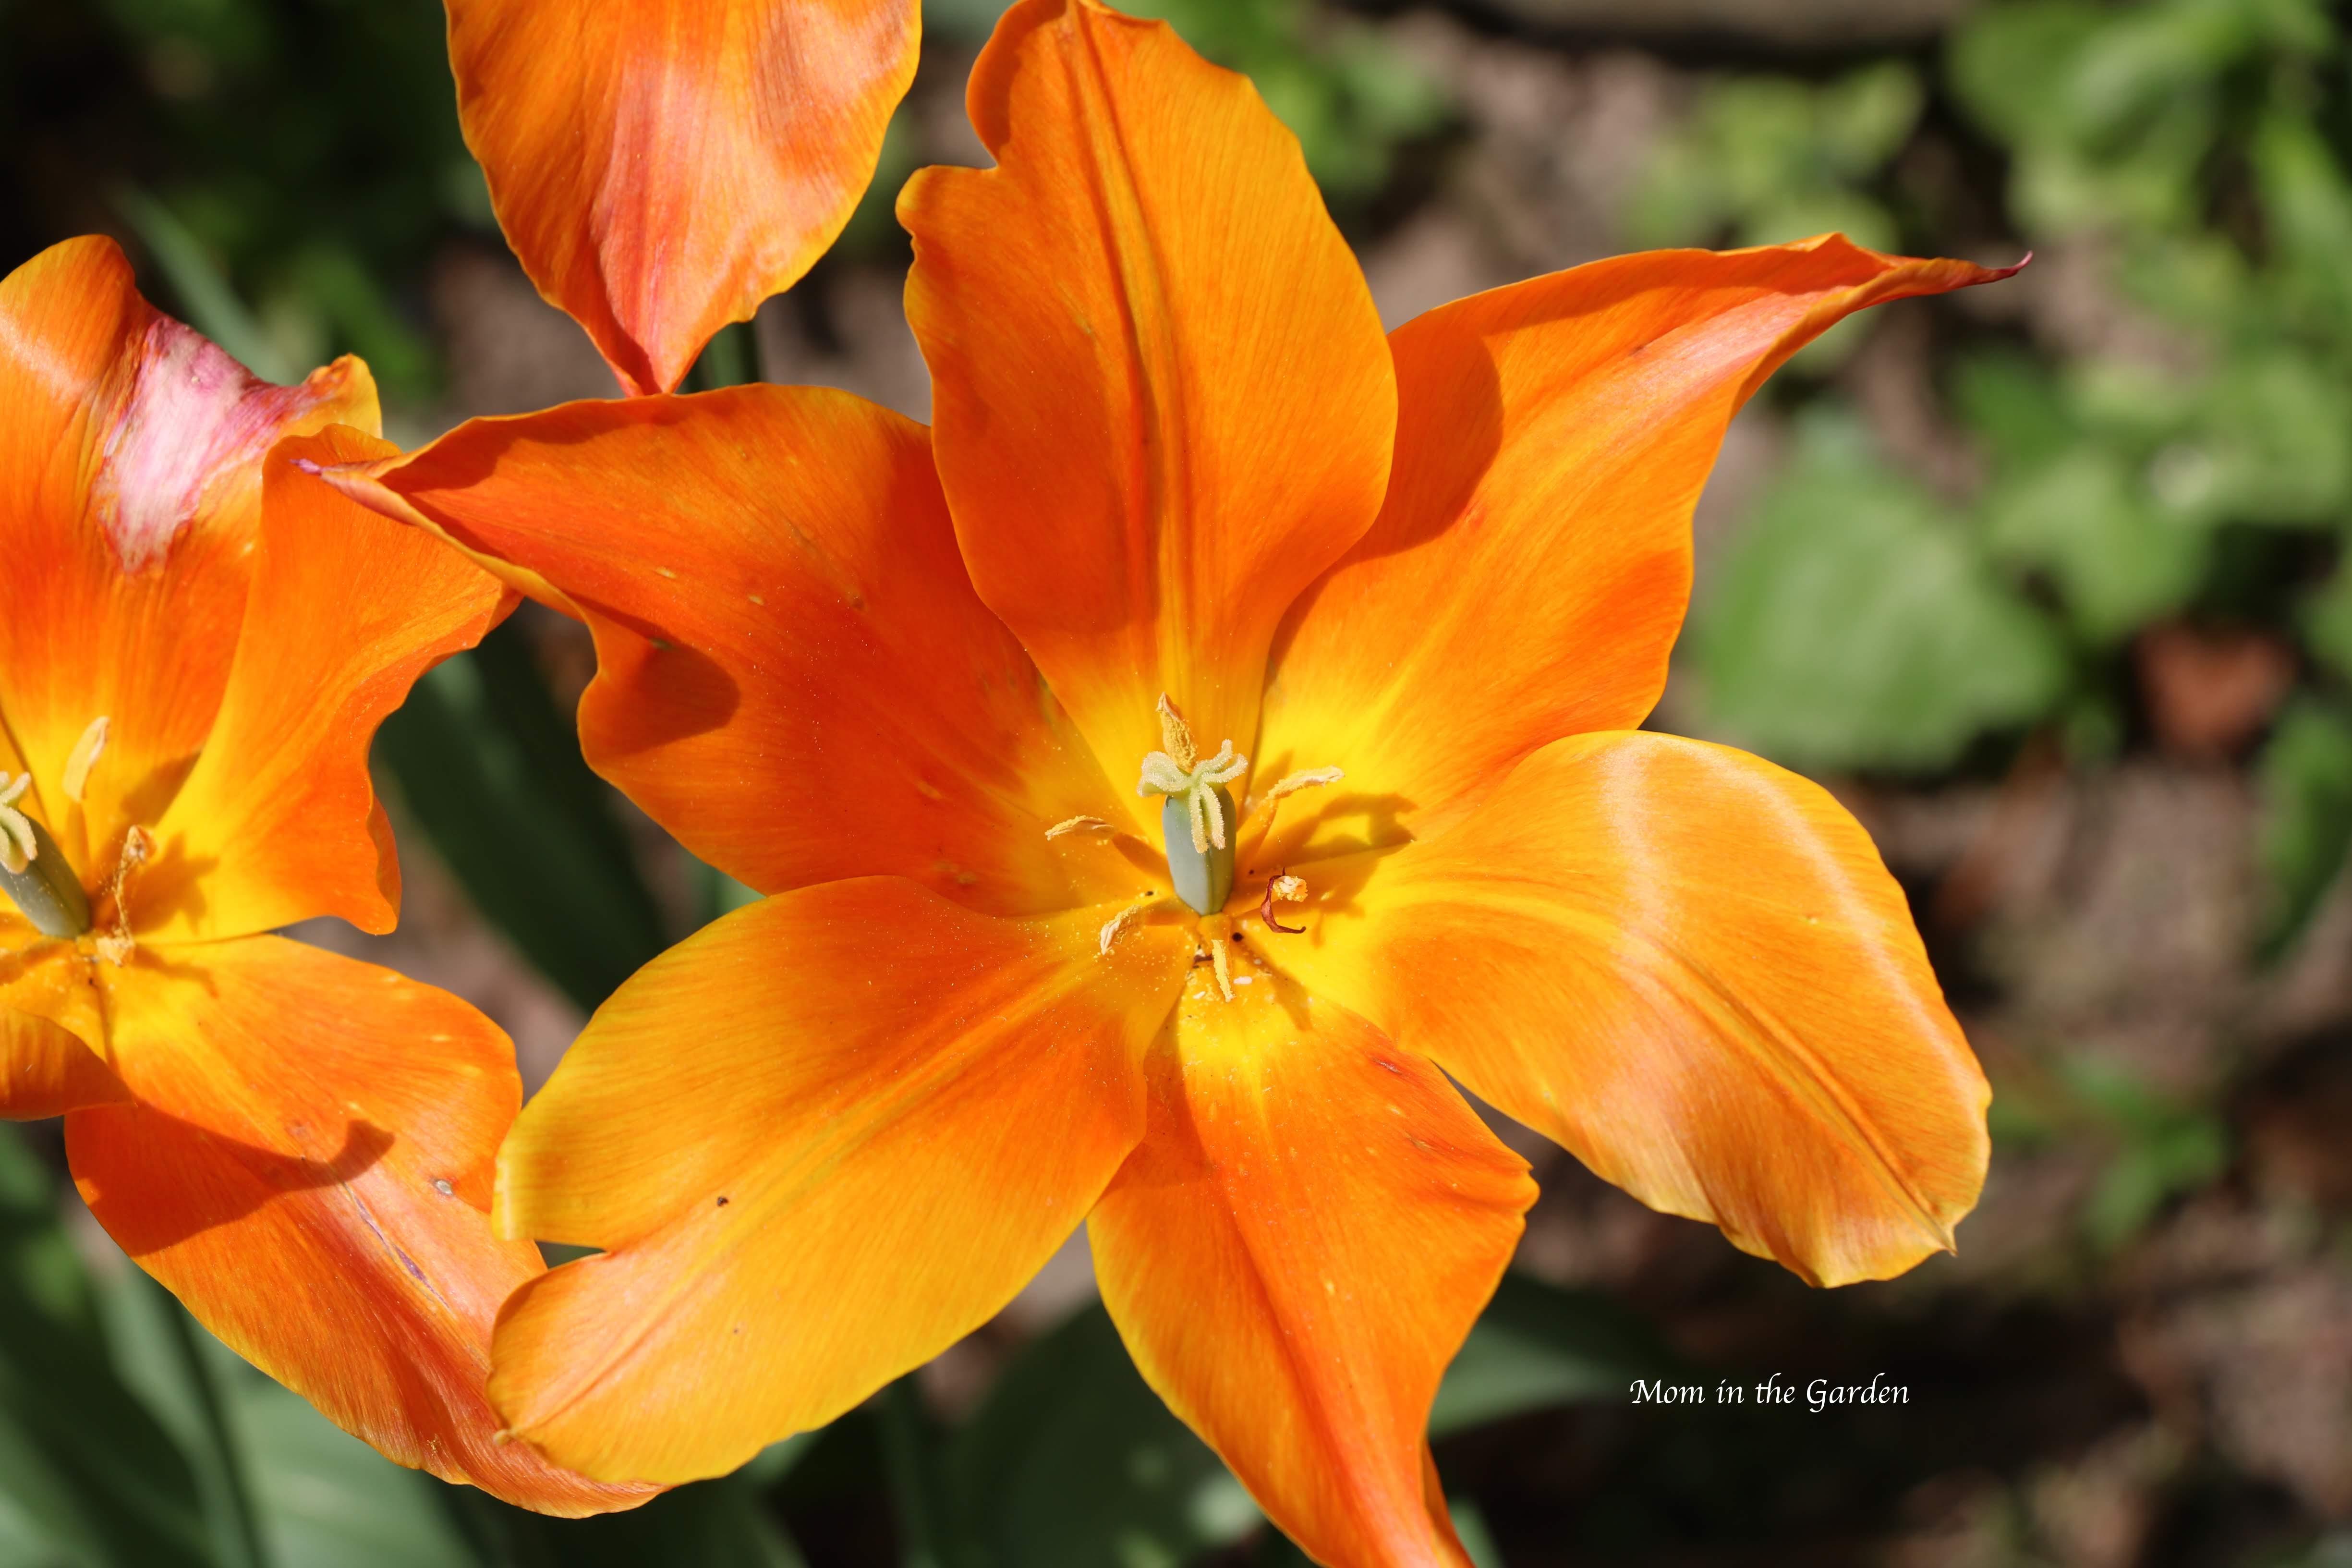 Ballerina tulip fully open